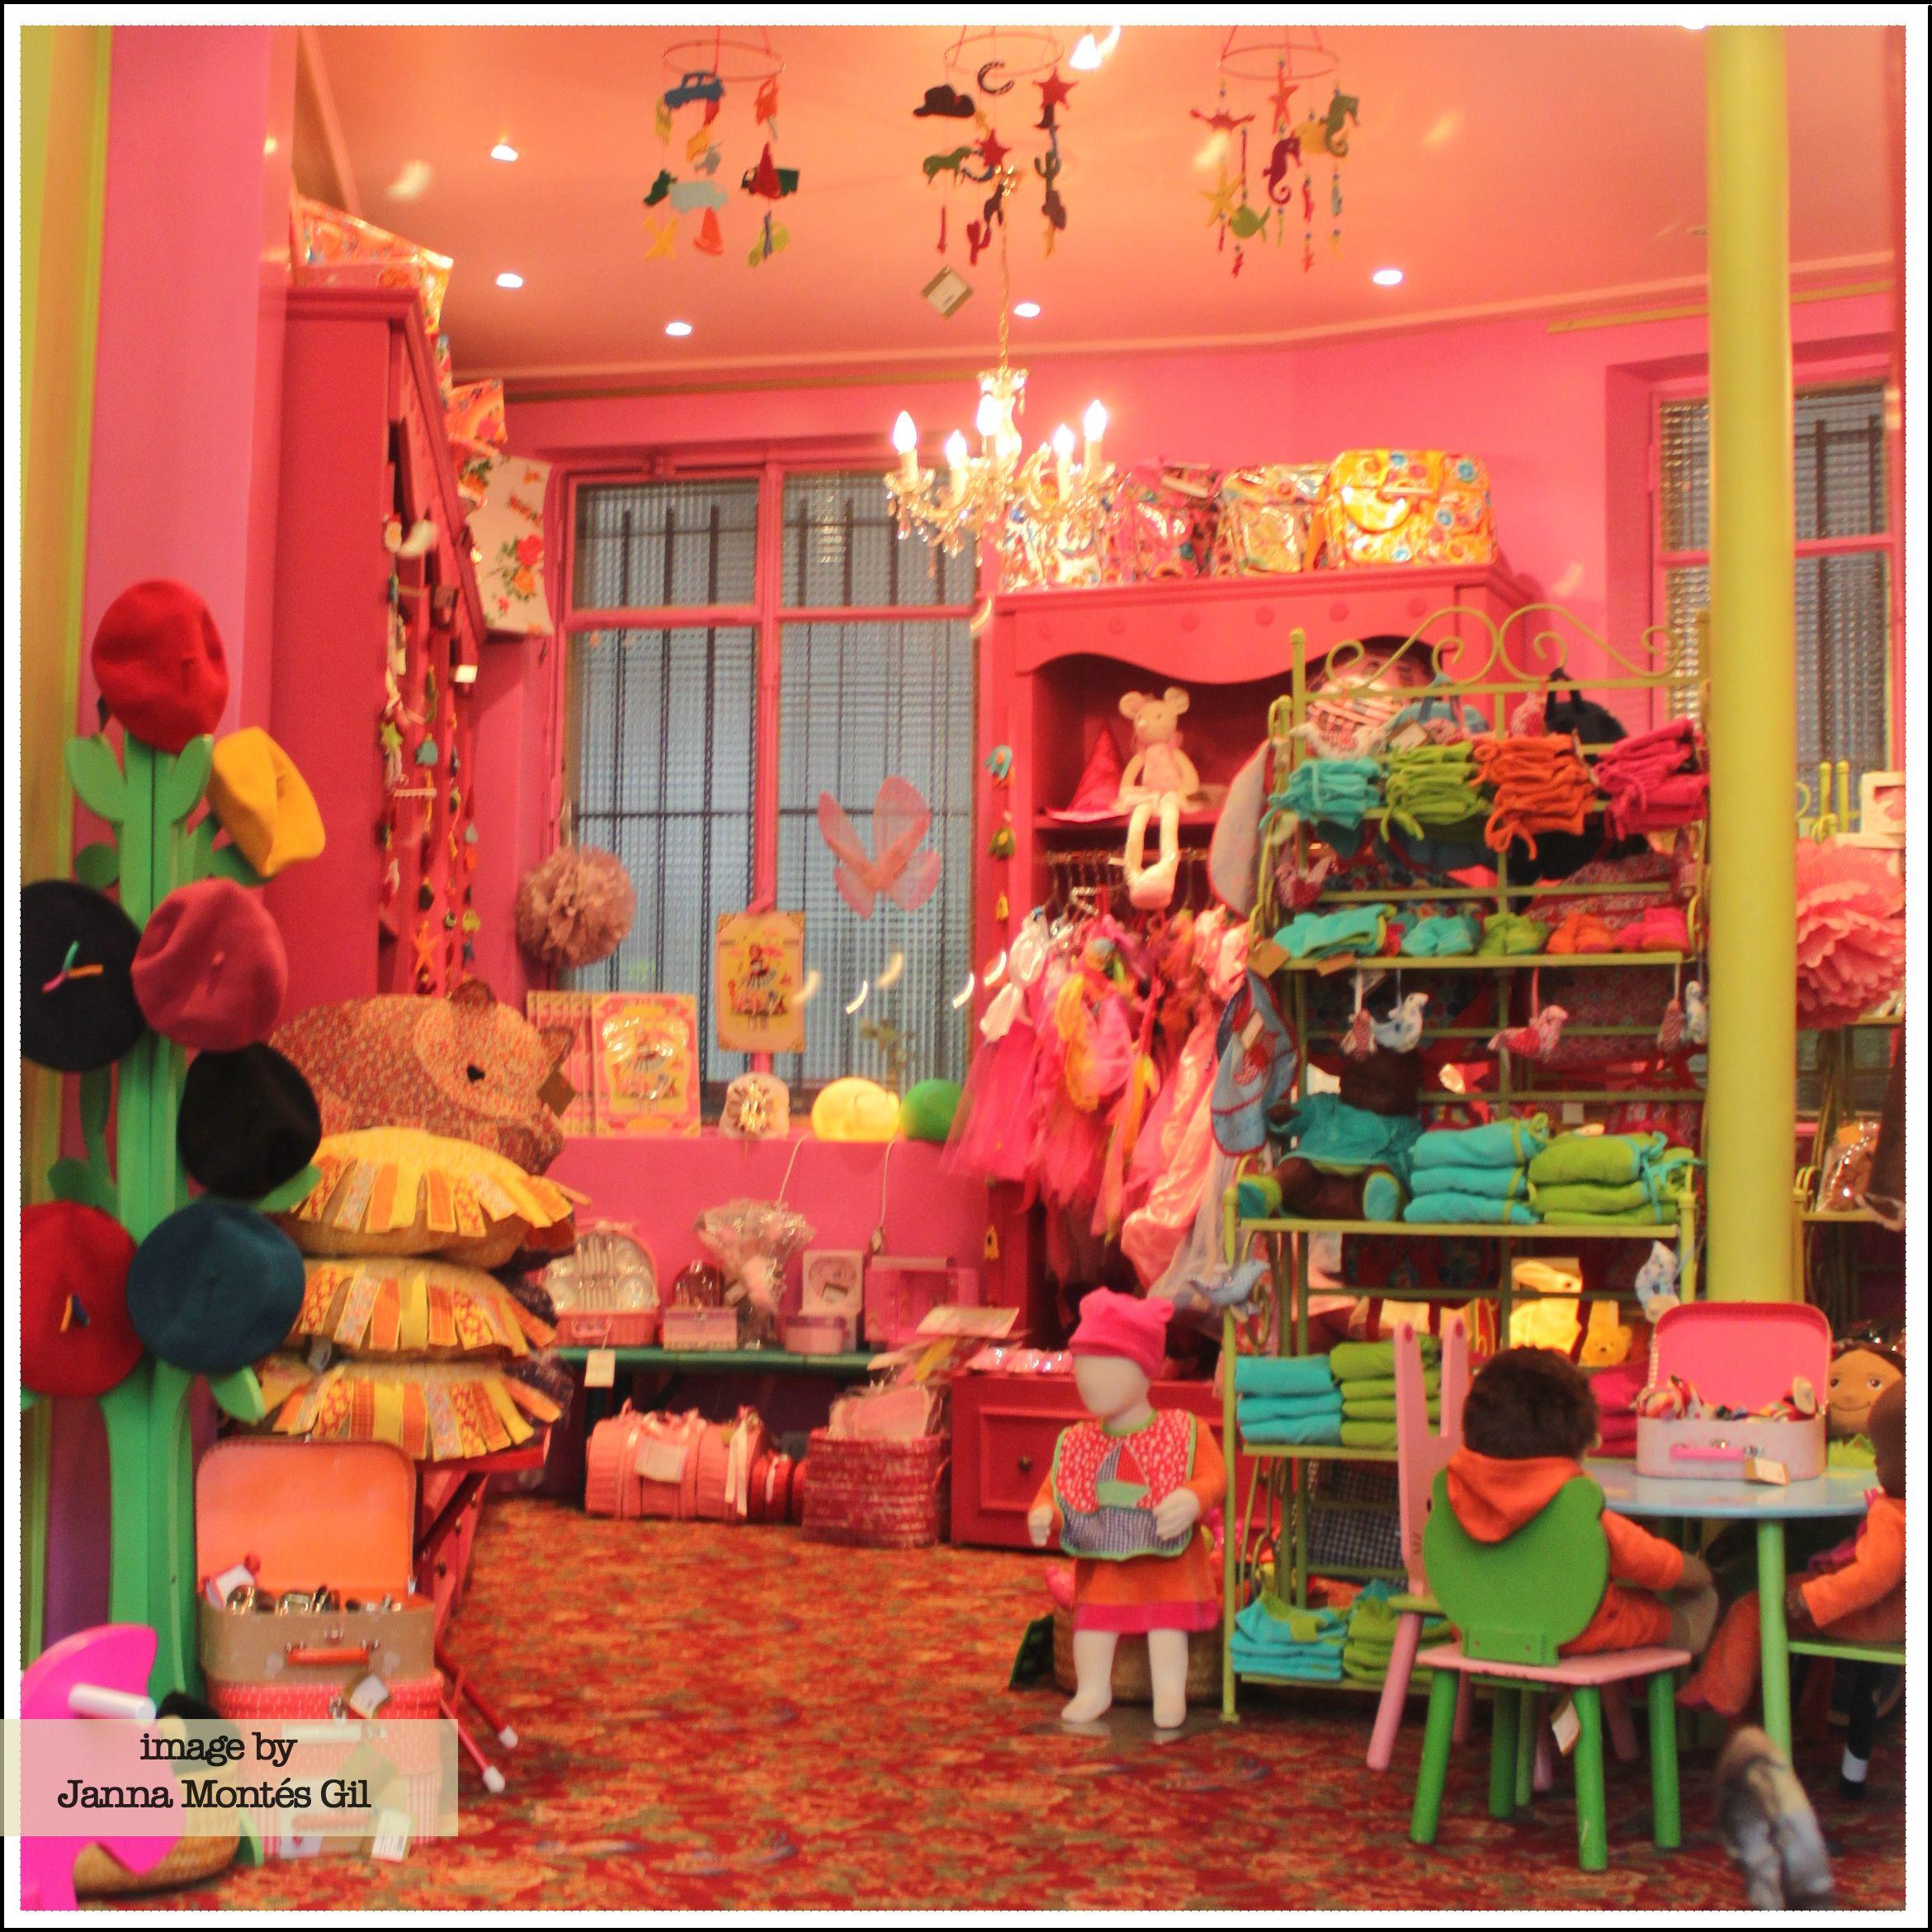 diseño de tiendas de hogar - Buscar con Google | decoración tiendas ...